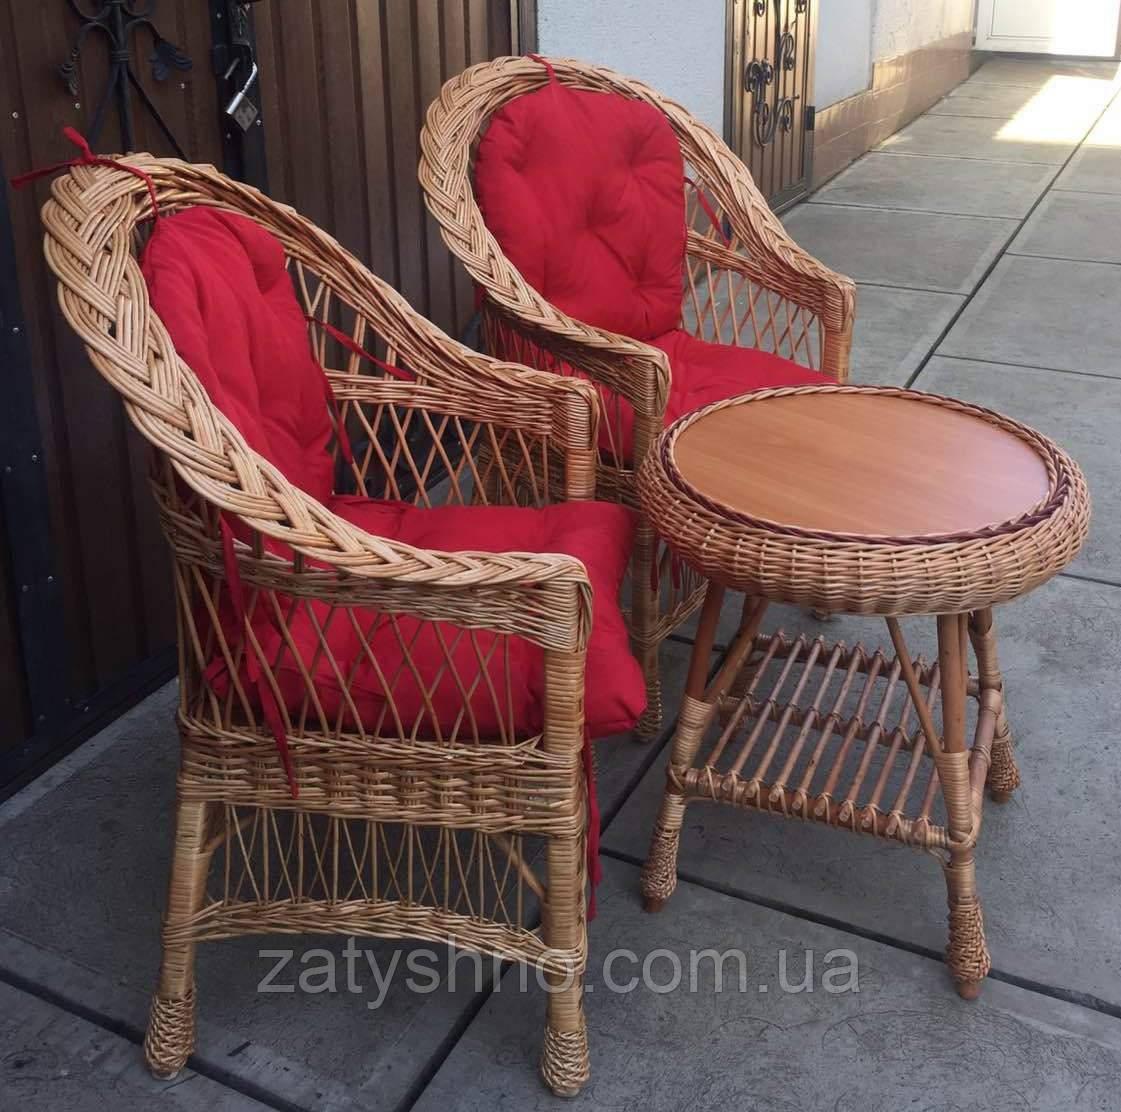 Мебель плетеная из лозы | набор плетеной мебели с подушками | 2 кресла и стол из лозы